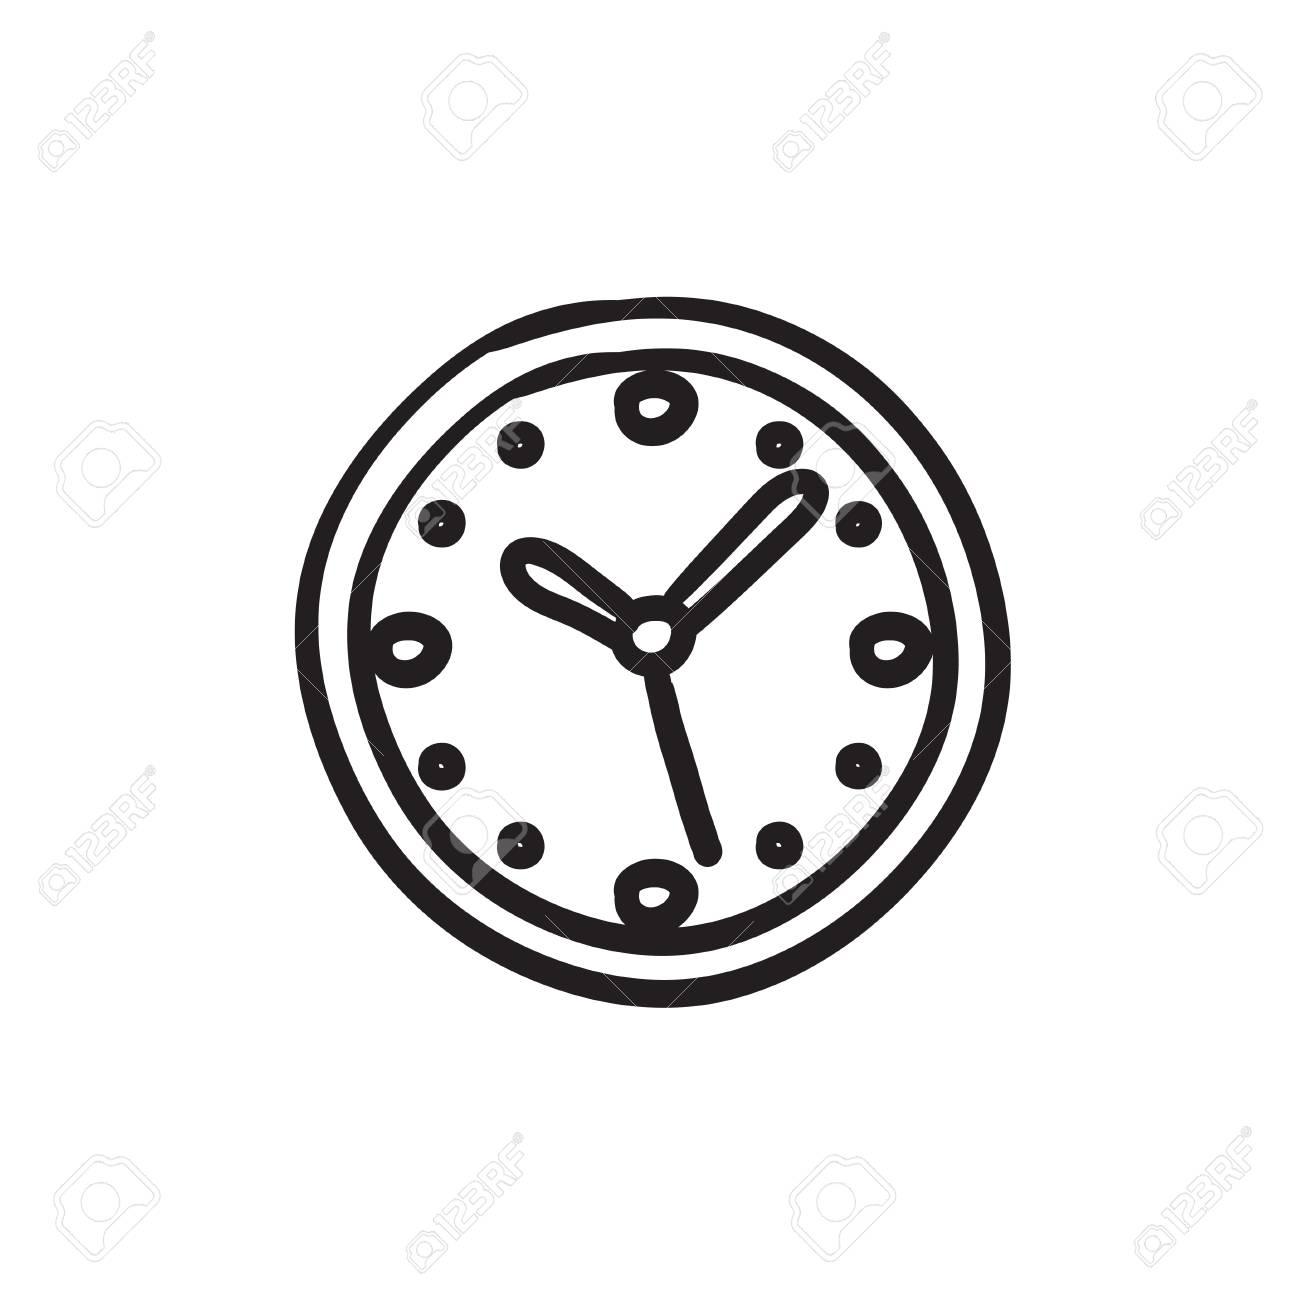 2b6a803cb6d Relógio de parede do ícone do esboço do vetor isolado no fundo jpg  1300x1300 Relogio desenho